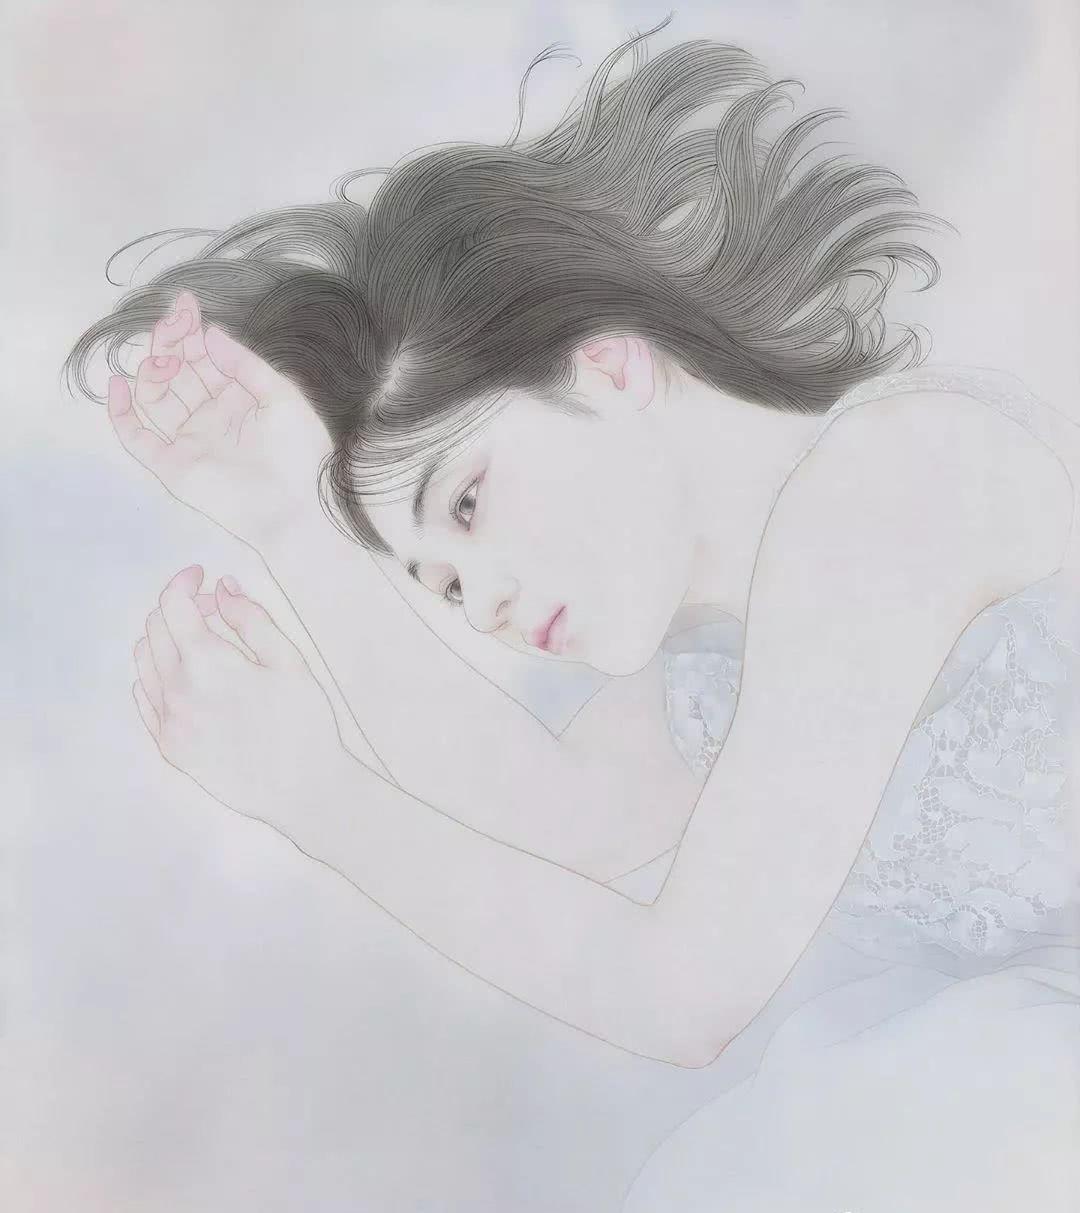 日本美女画工笔,2019新作开眼了